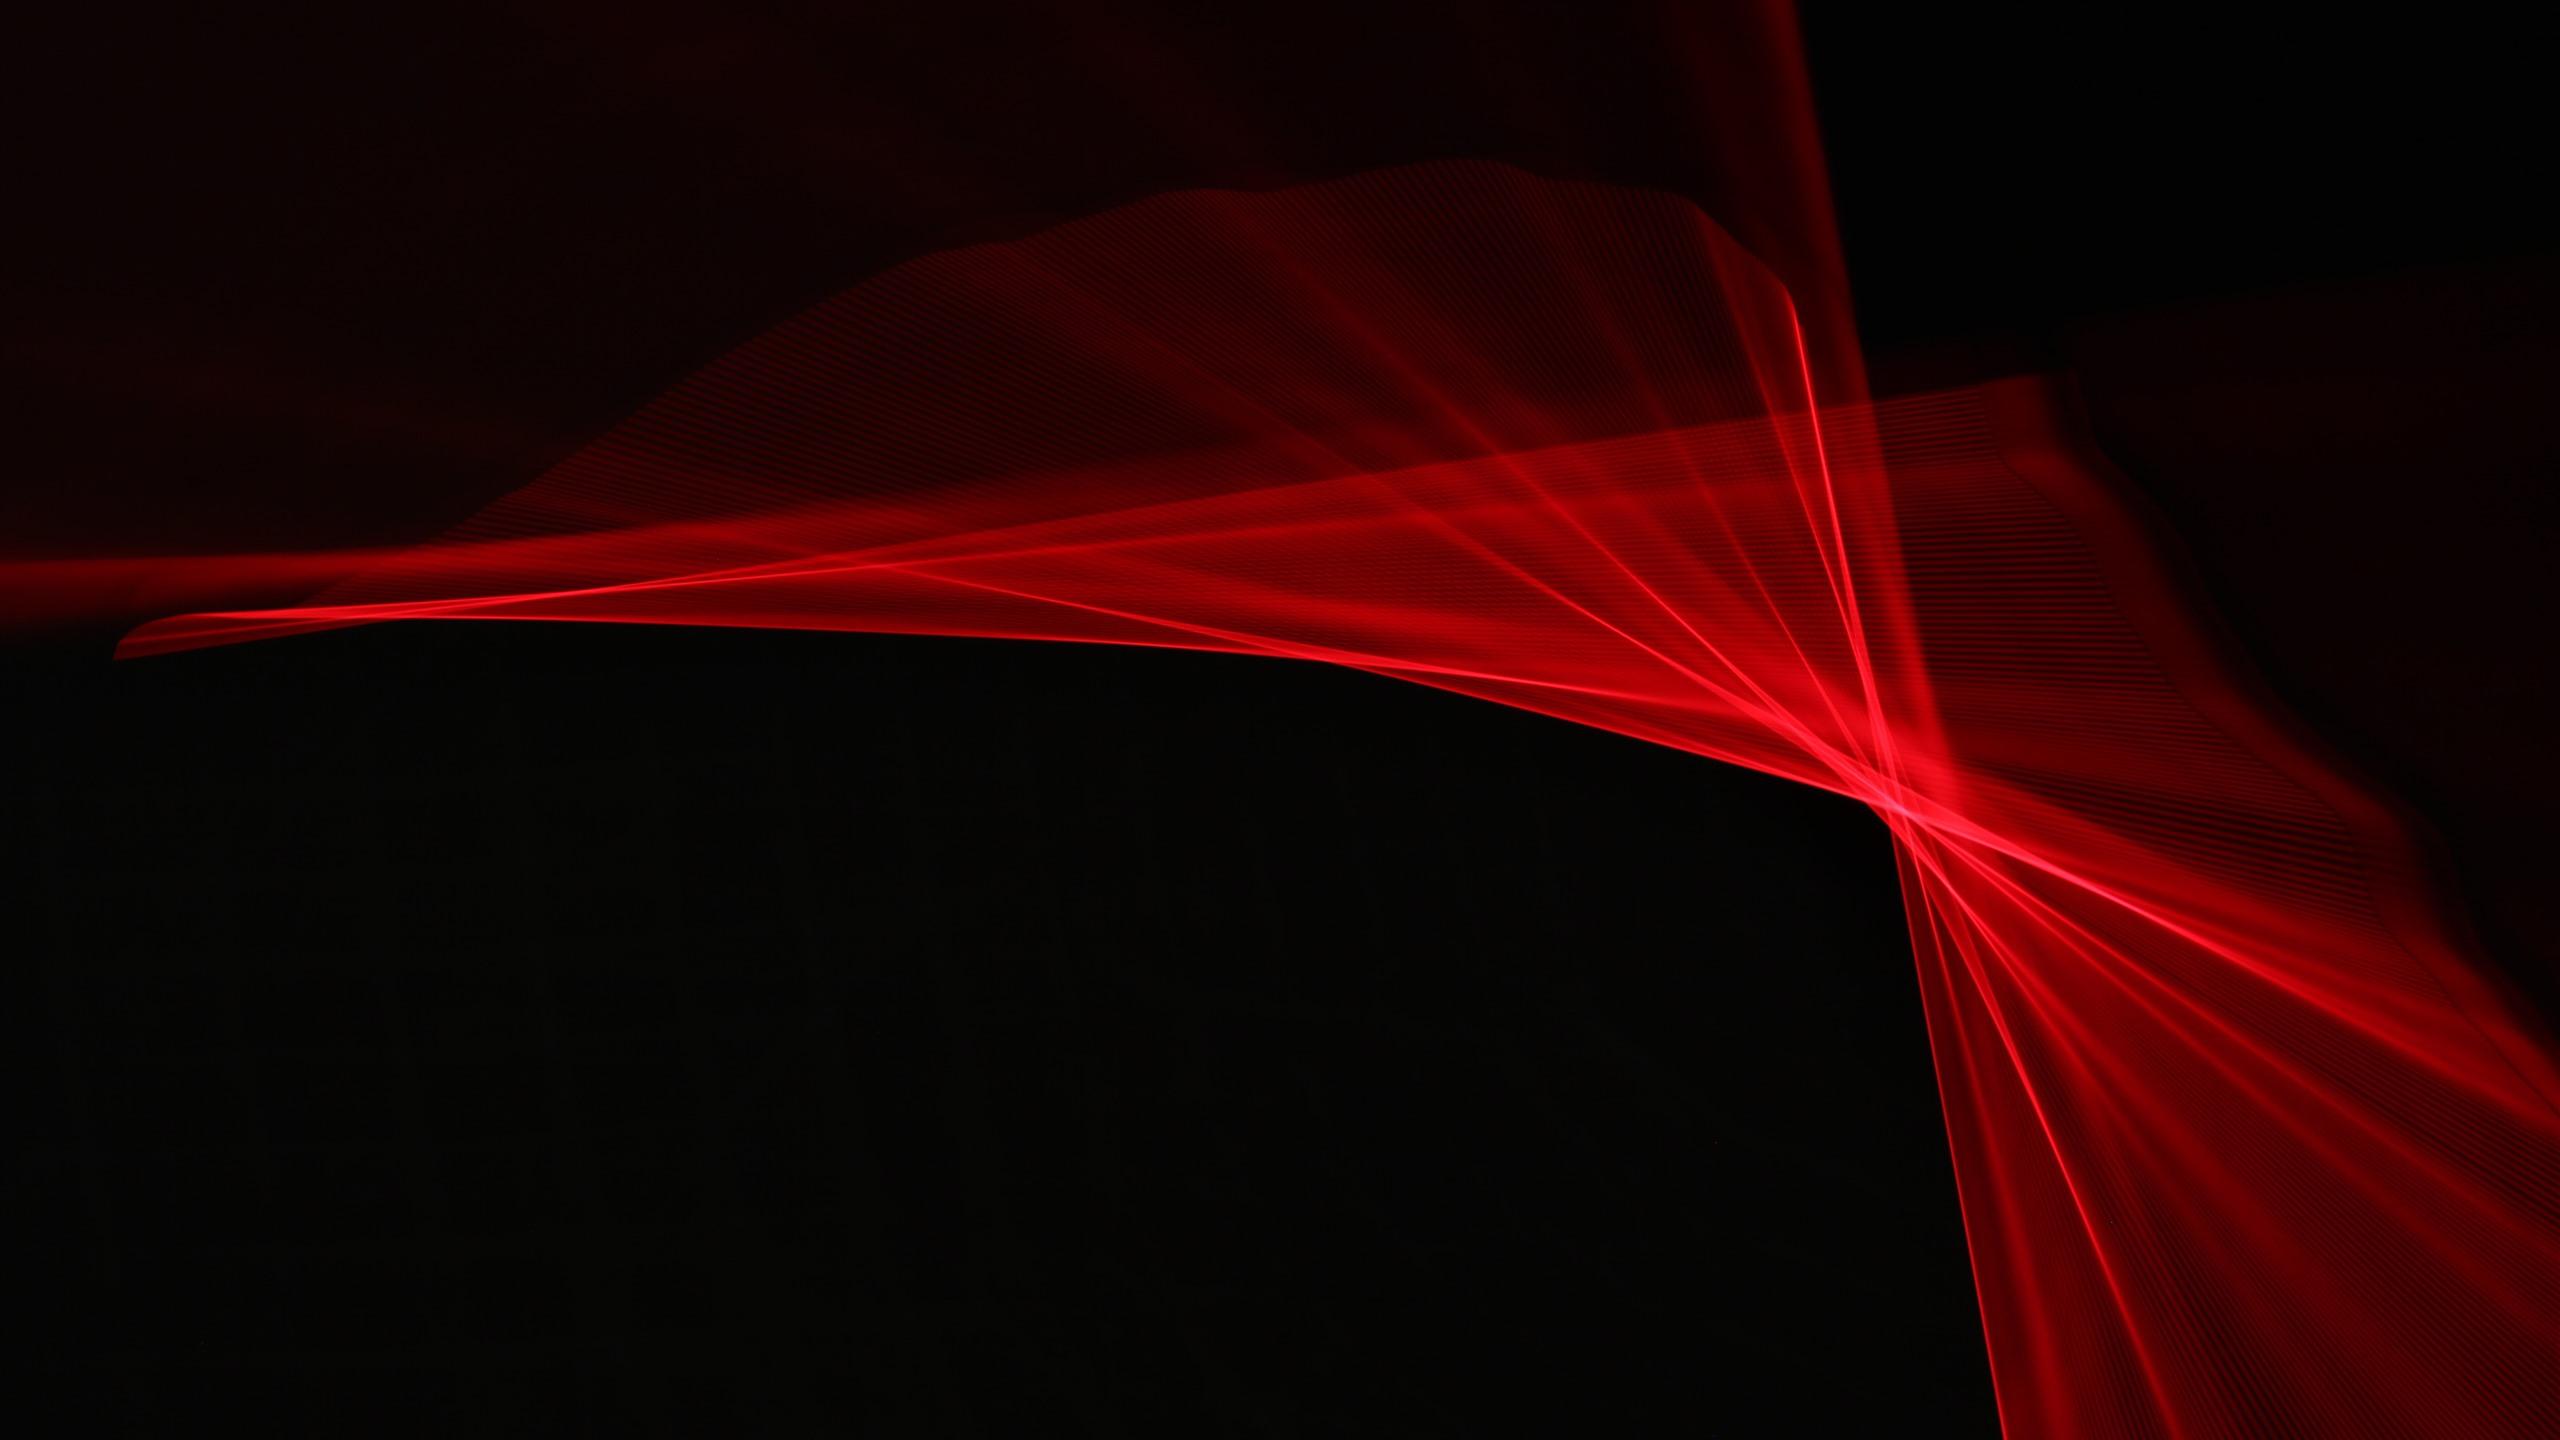 Fonds Décran Rayons Rouges Abstrait Fond Noir 3840x2160